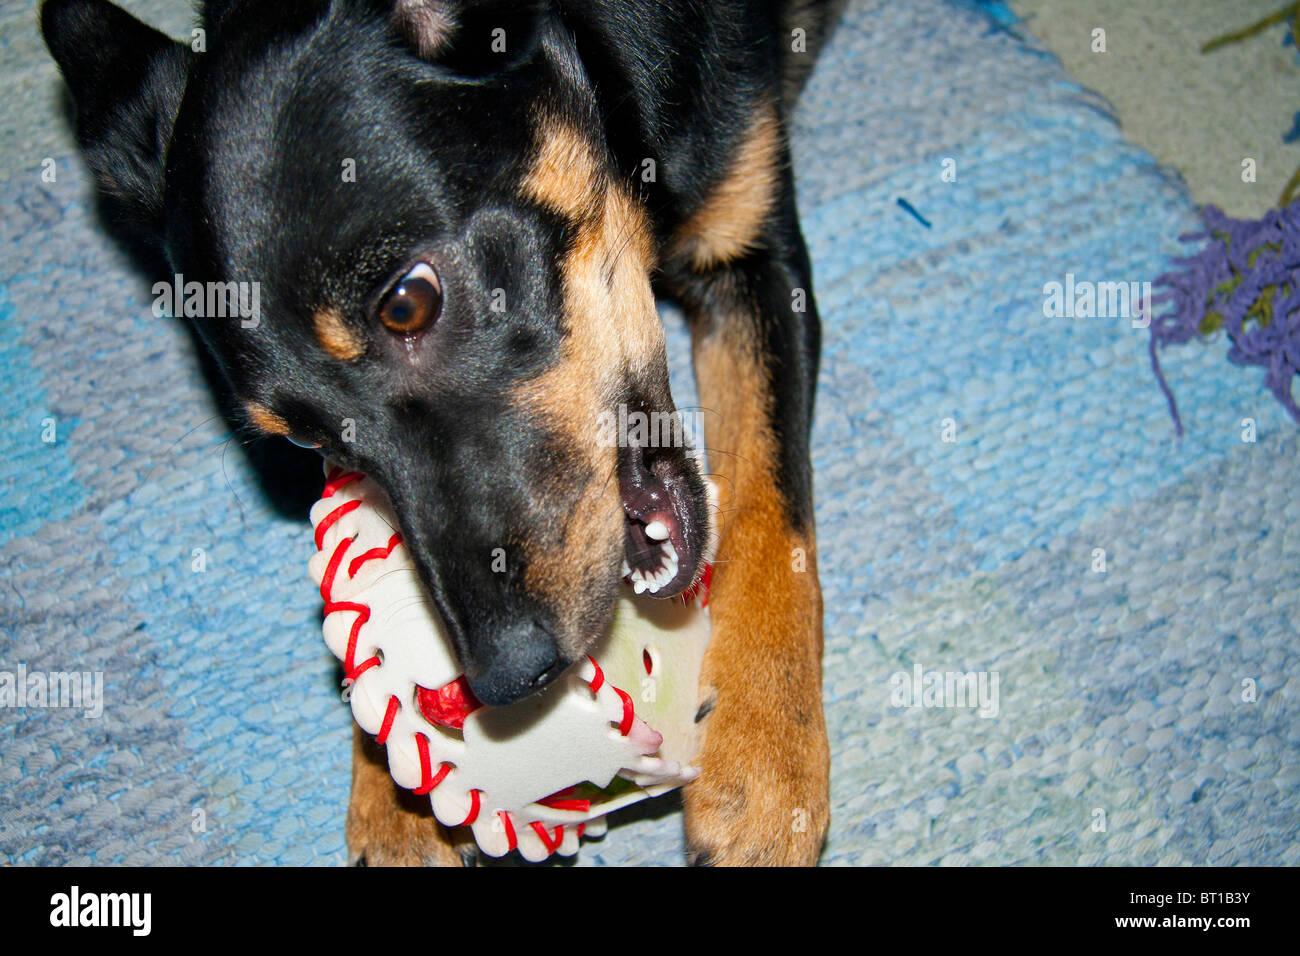 Dog Eating Cake Stock Photos & Dog Eating Cake Stock Images - Alamy